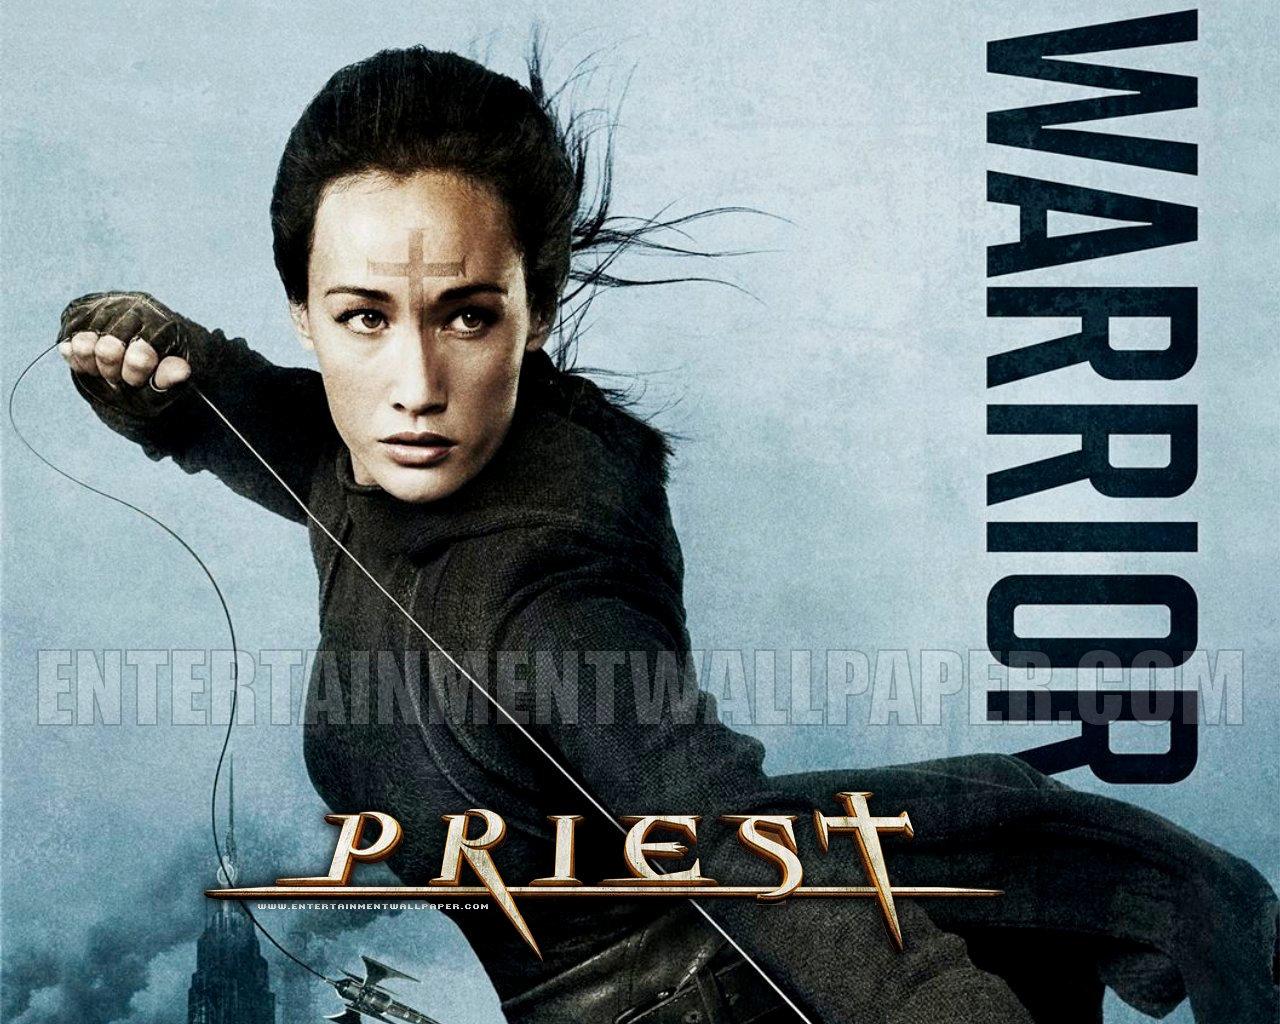 Watch Priest (2011) Full Movie Online 123Movies - X-Men